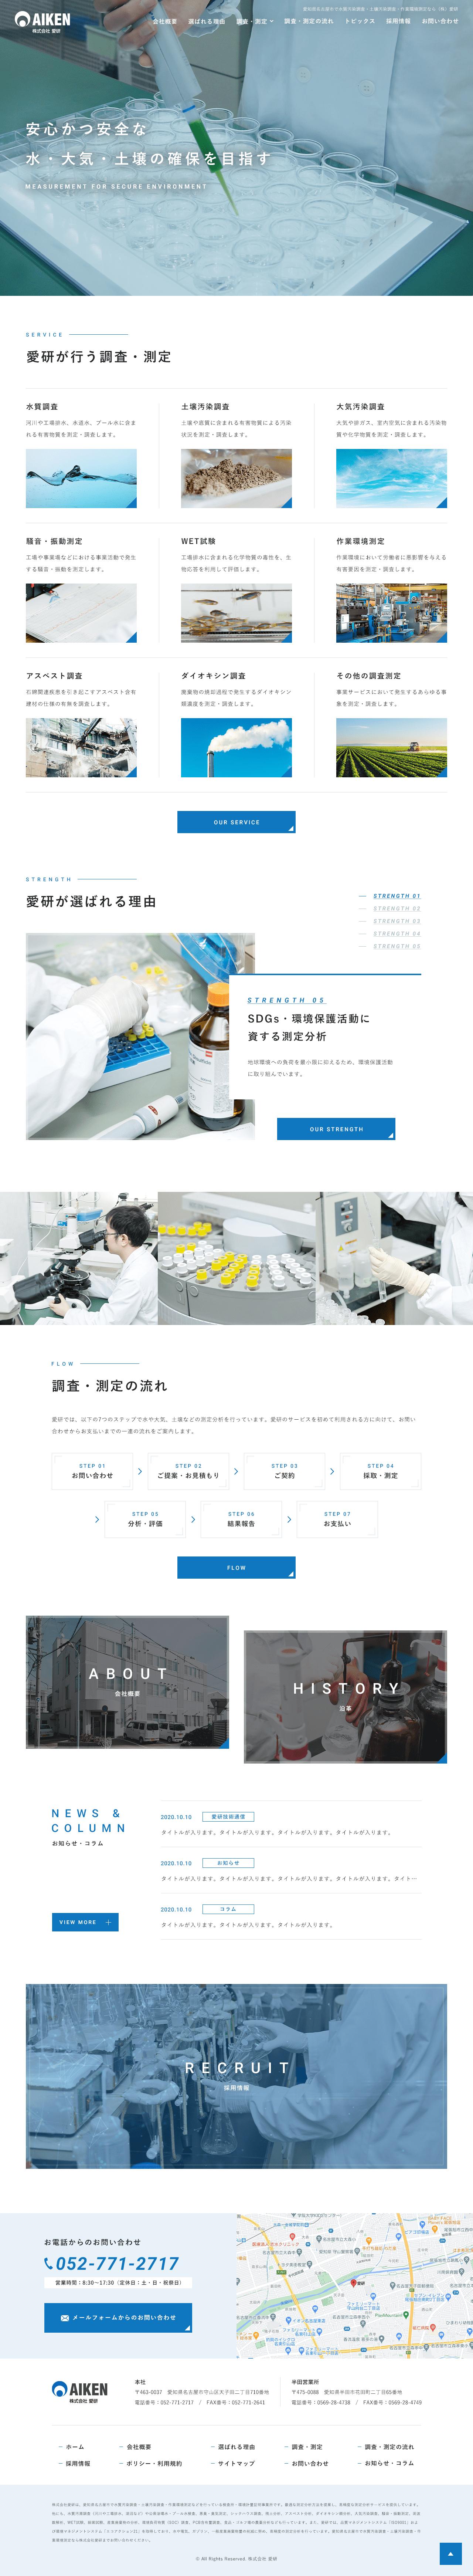 株式会社愛研 様